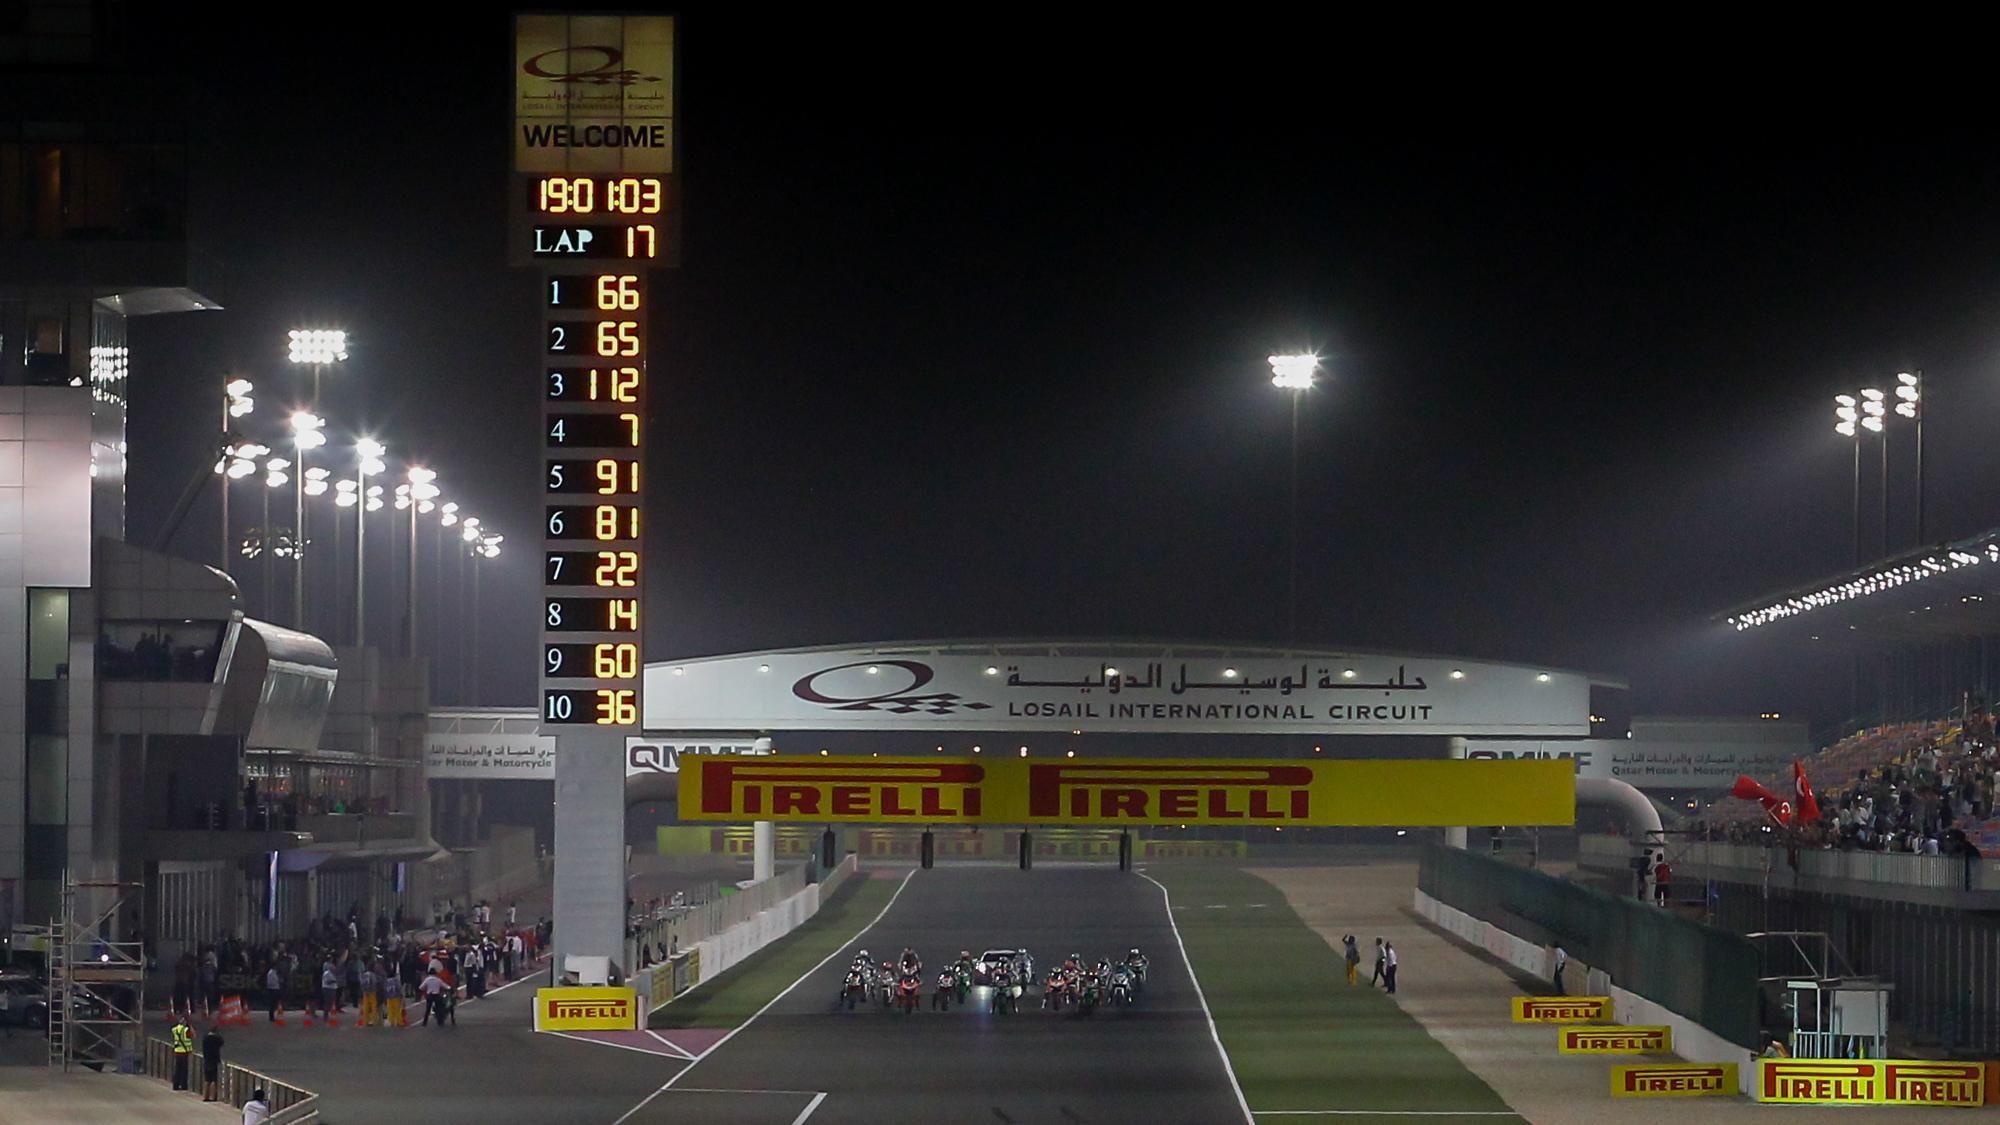 Final temporada WSBK en Qatar